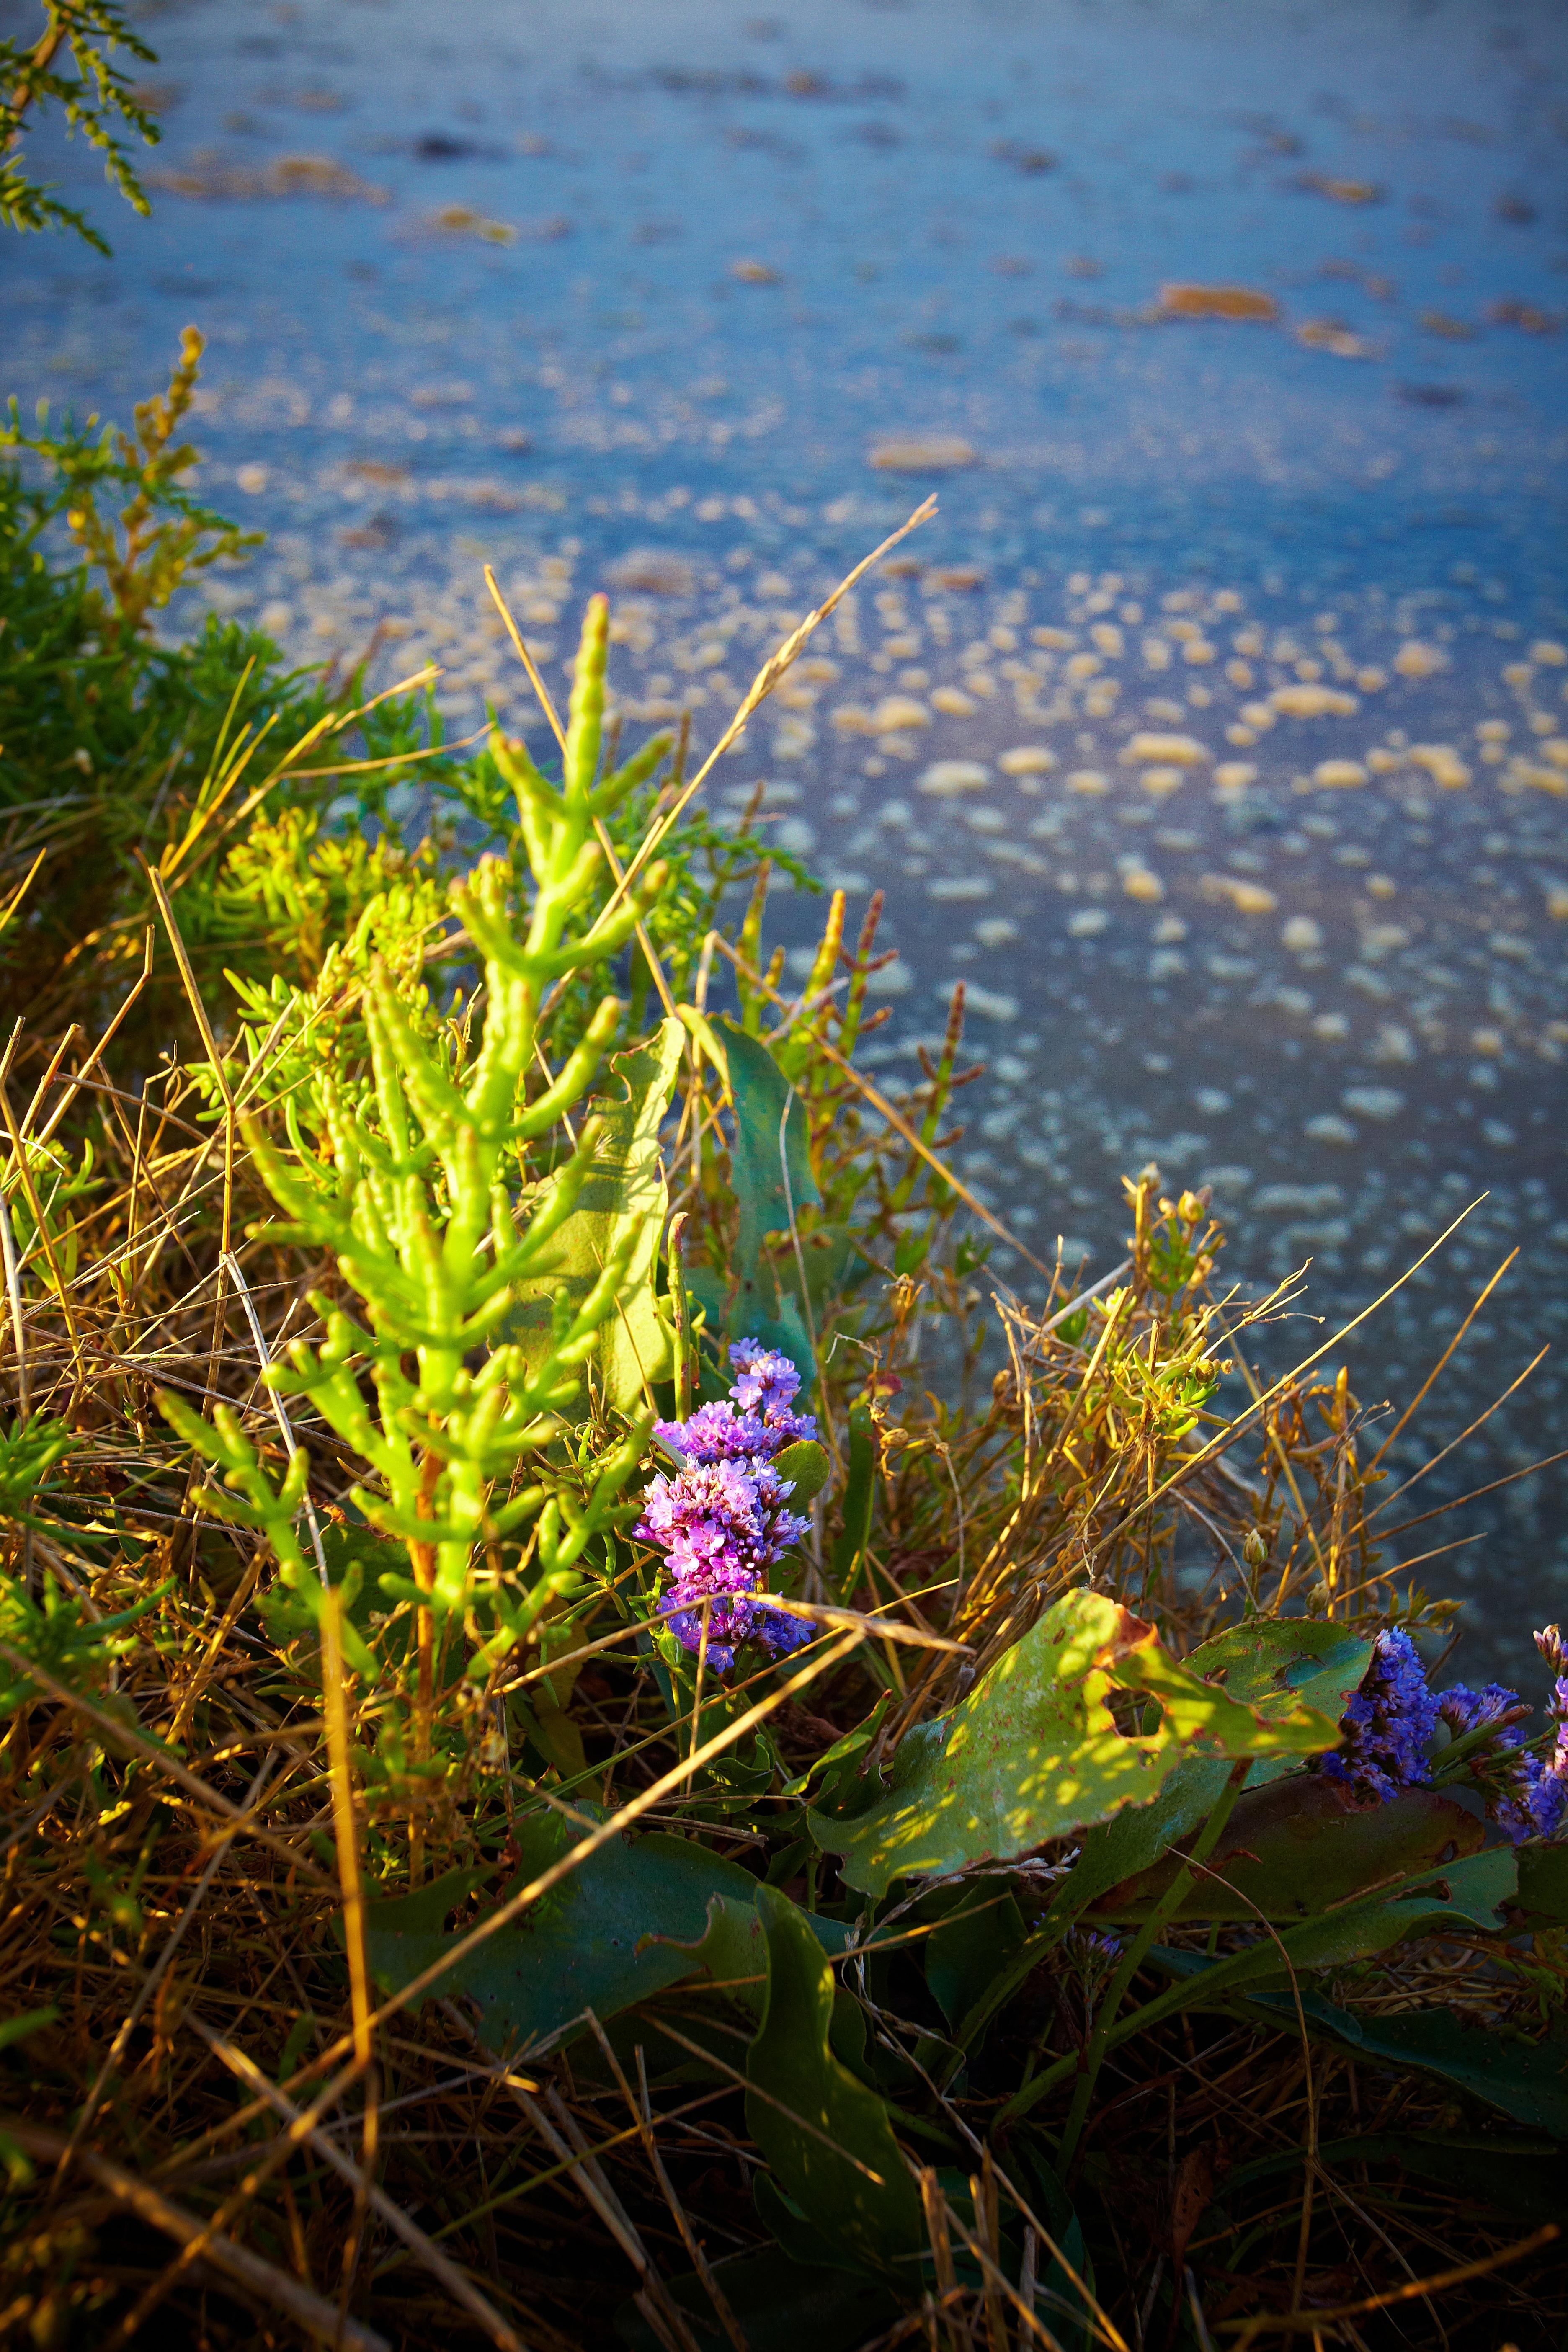 Talmont Saint Hilaire, Salicorne dans les marais - Crédit photo : ©A. Lamoureux